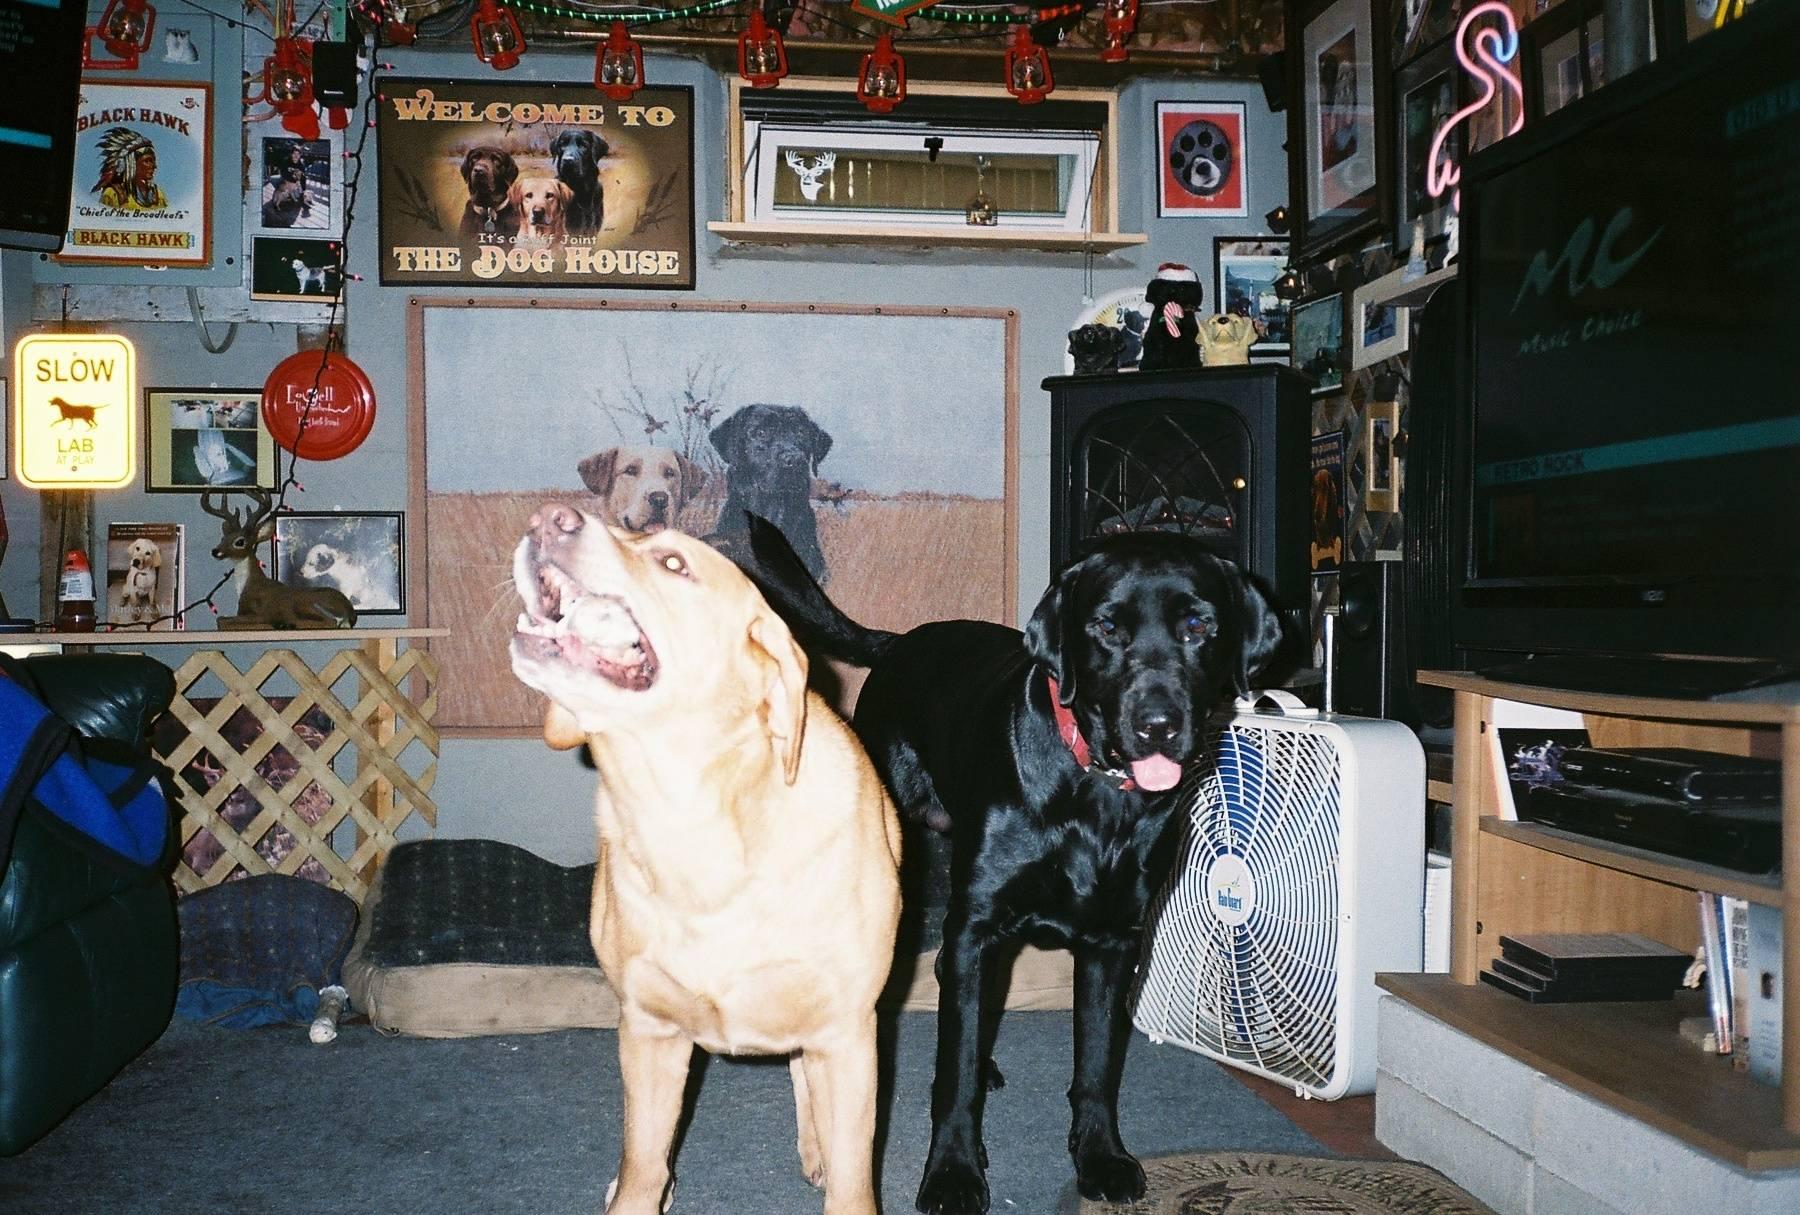 Bear & Kodiak